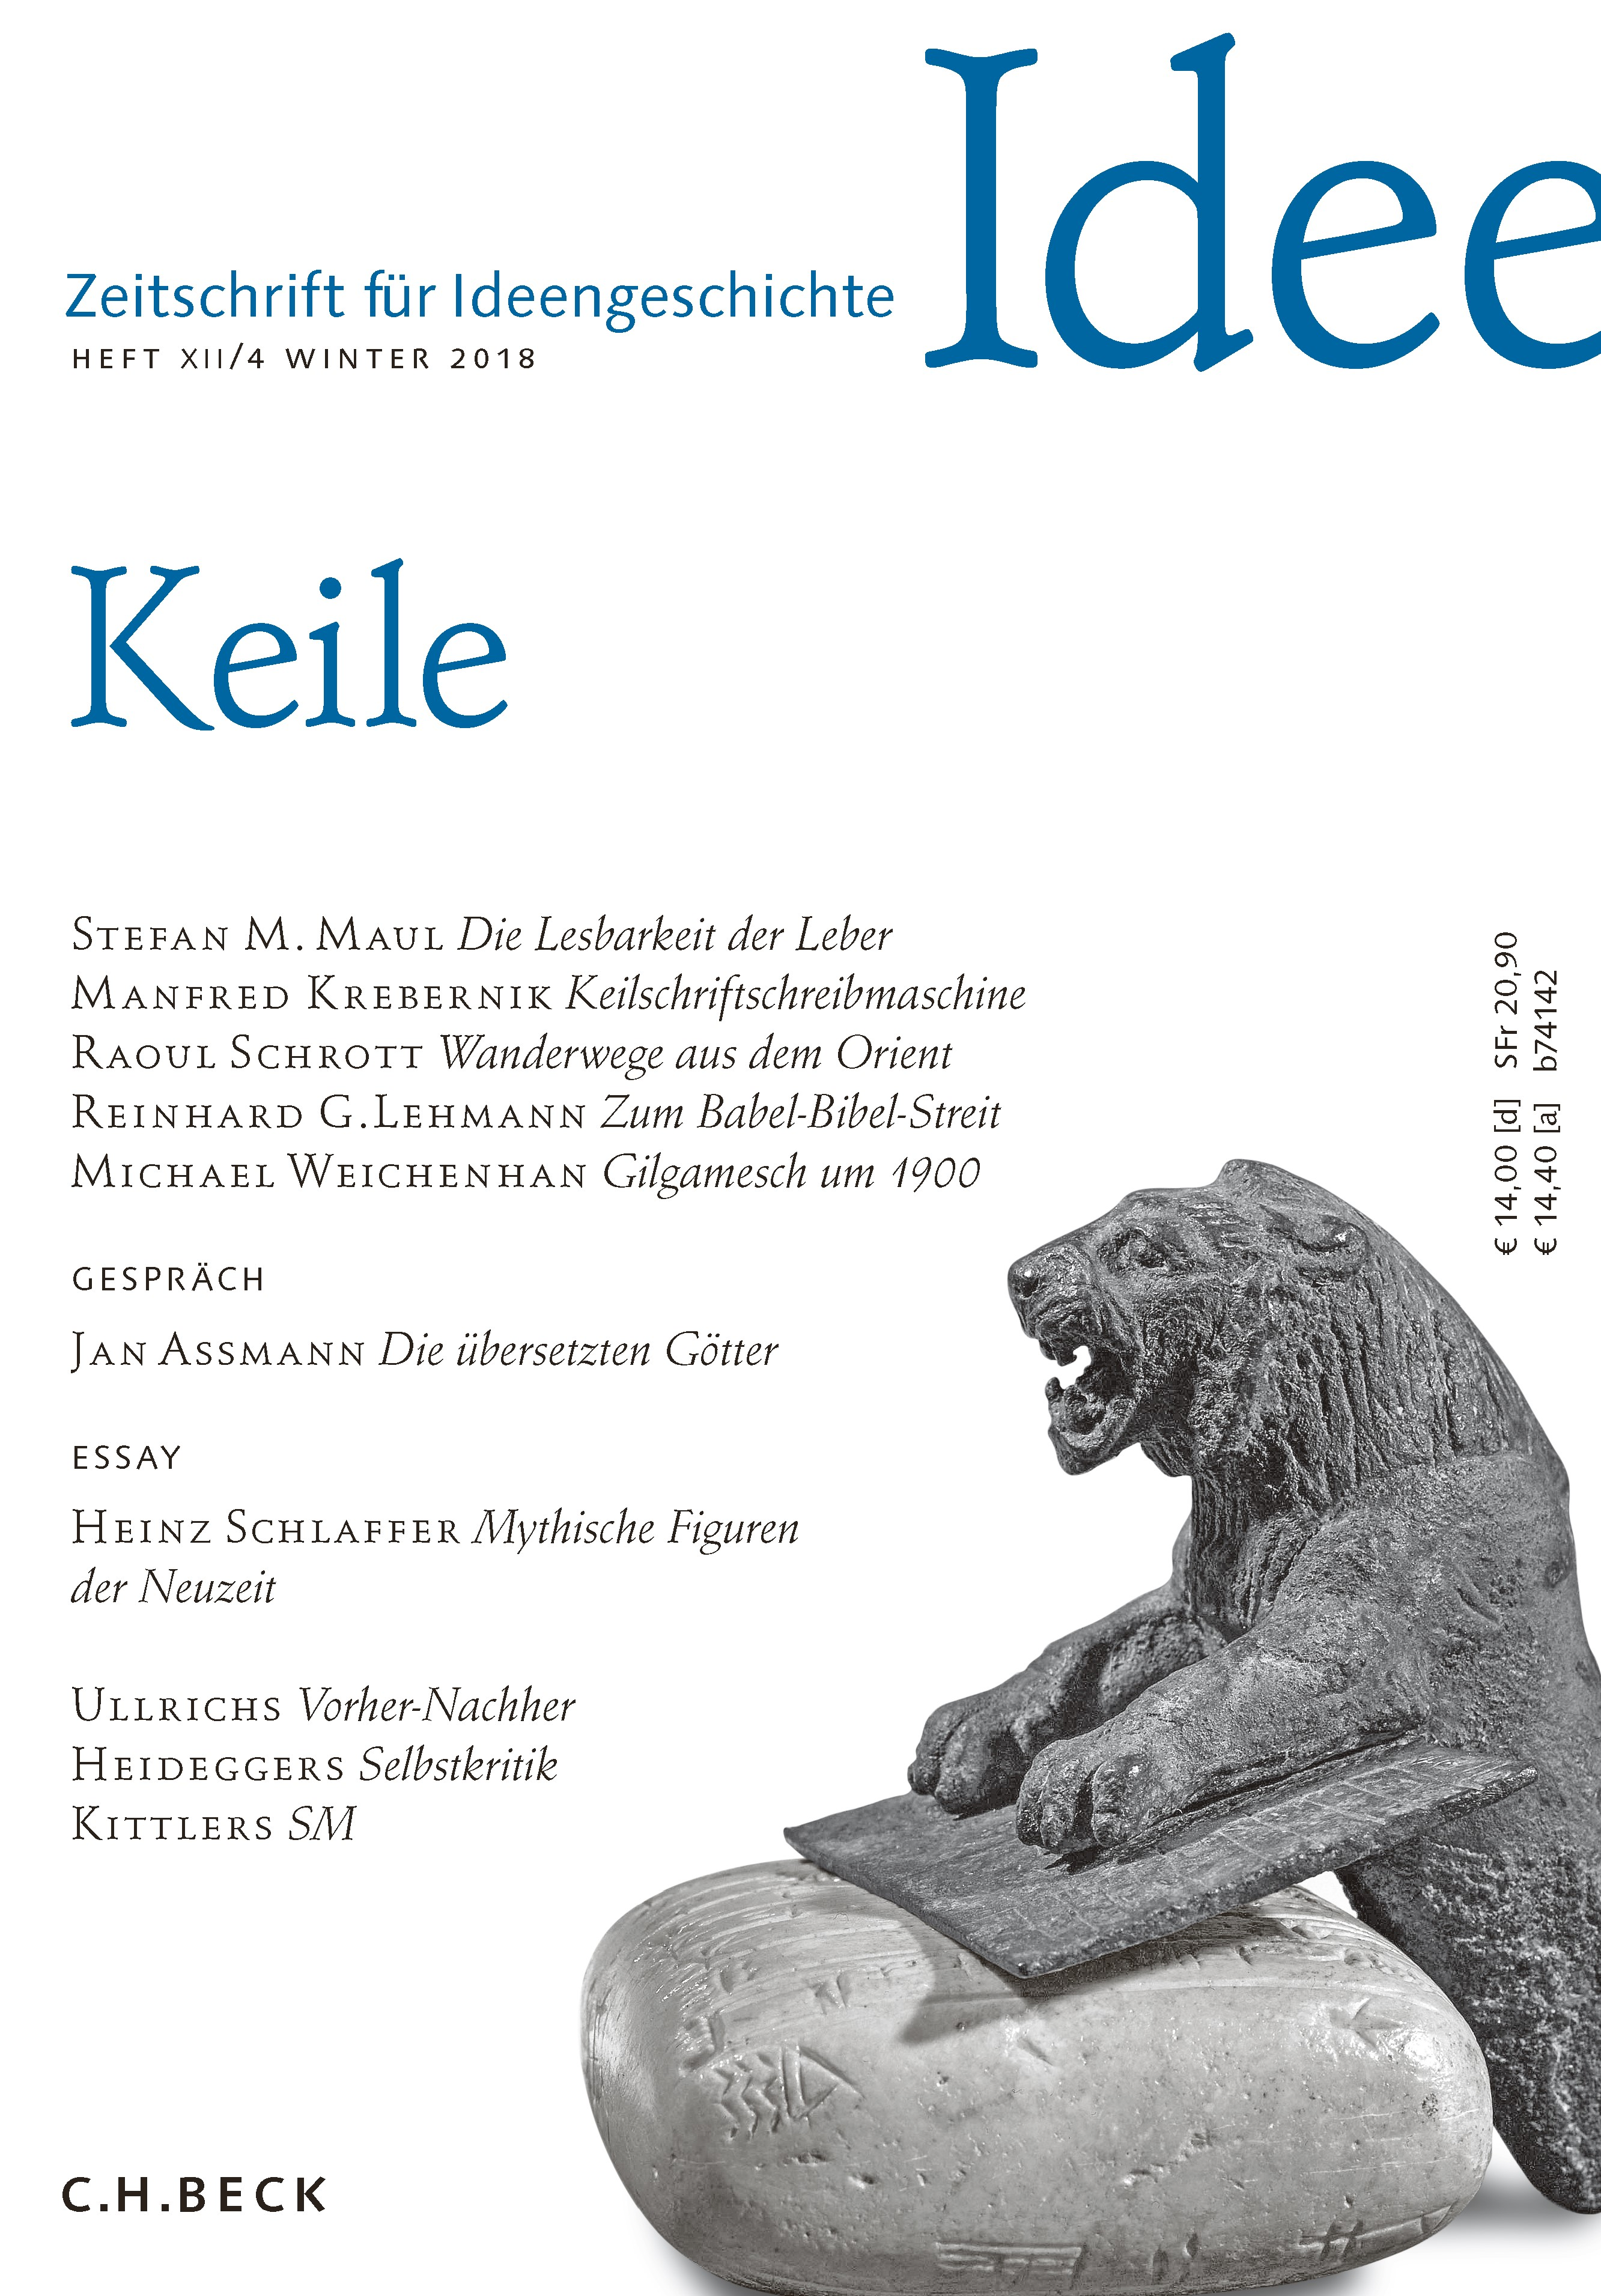 Abbildung von Zeitschrift für Ideengeschichte Heft XII/4 Winter 2018   2018